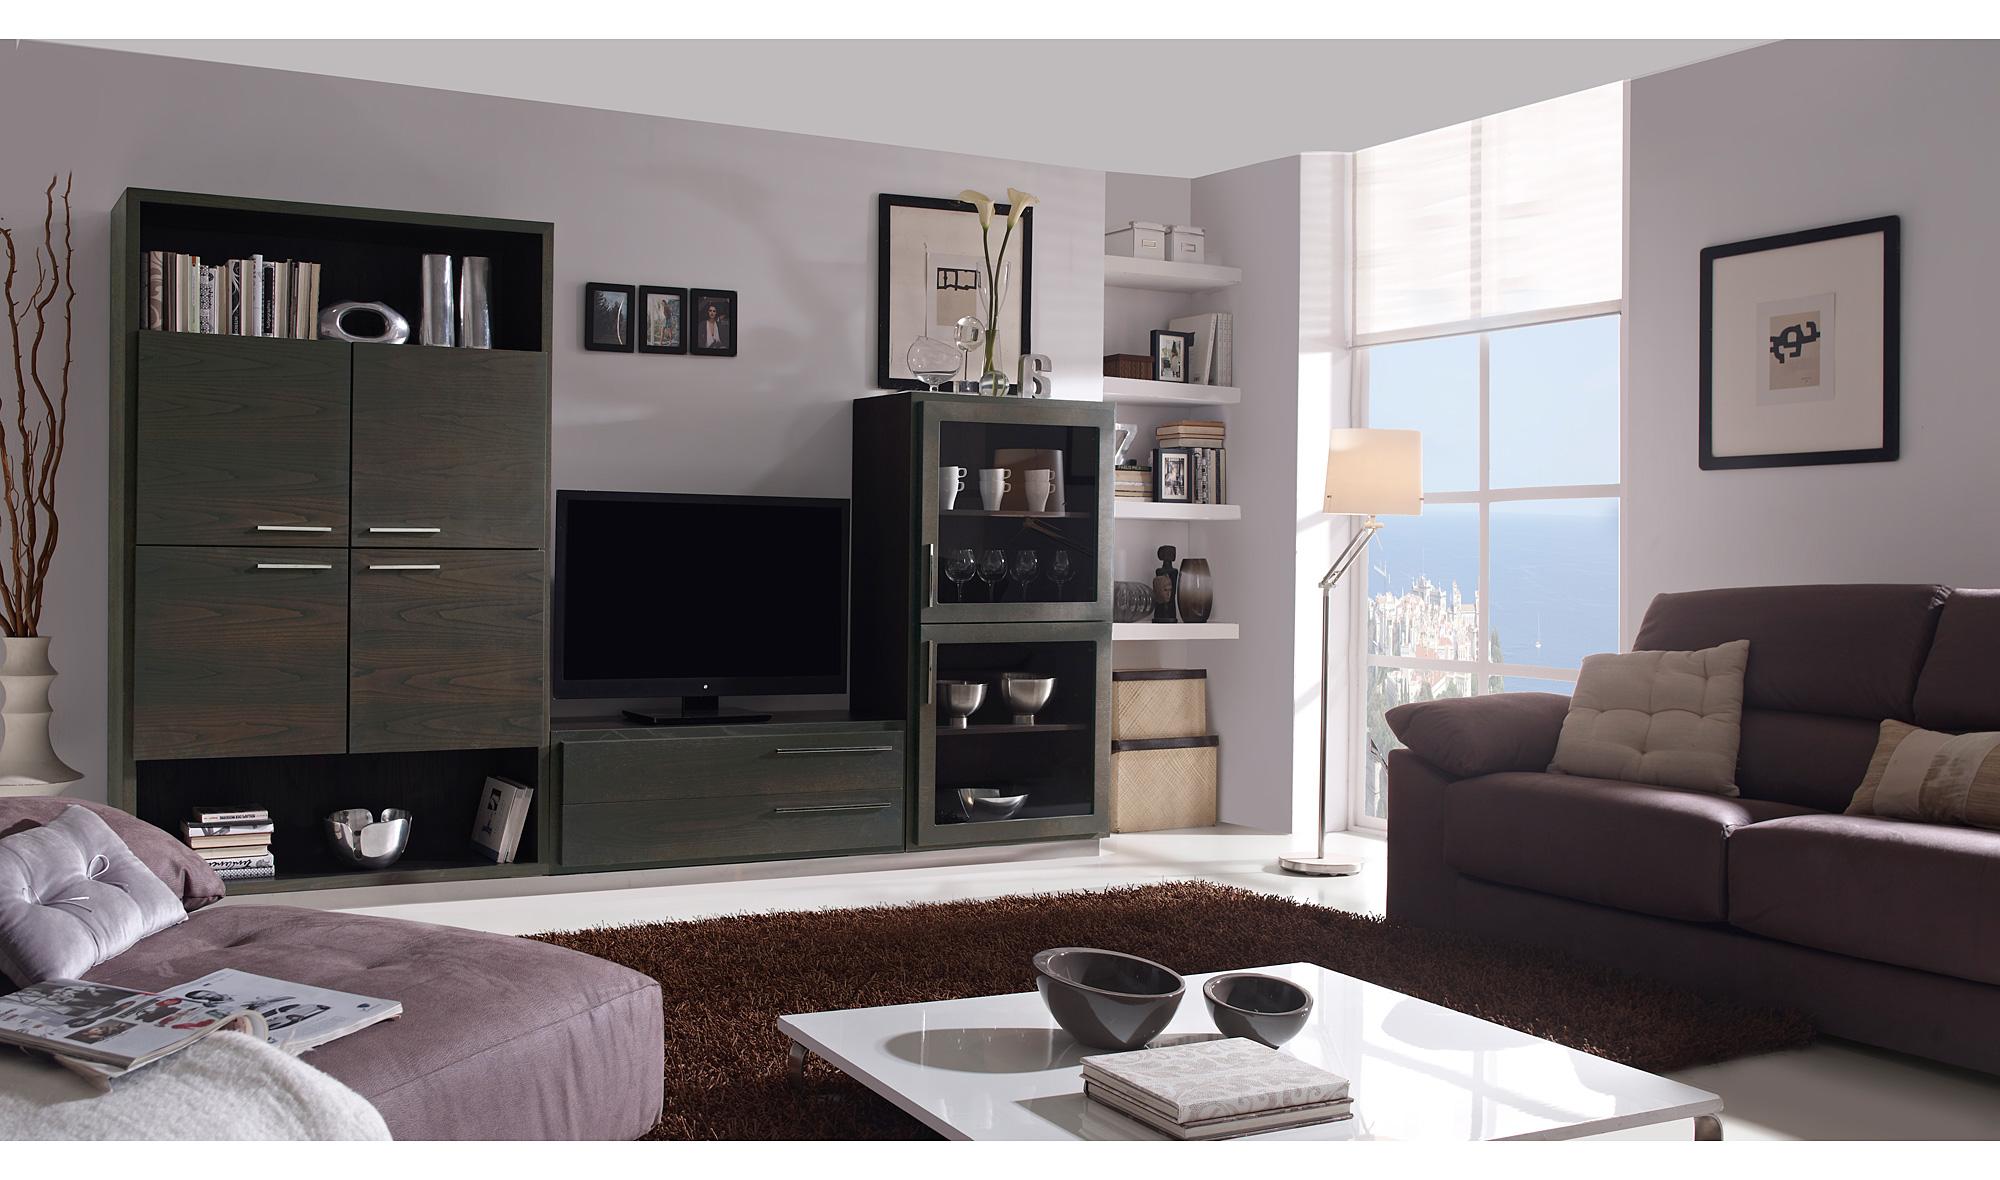 Sal n moderno volga black de lujo en - Portobello street muebles ...